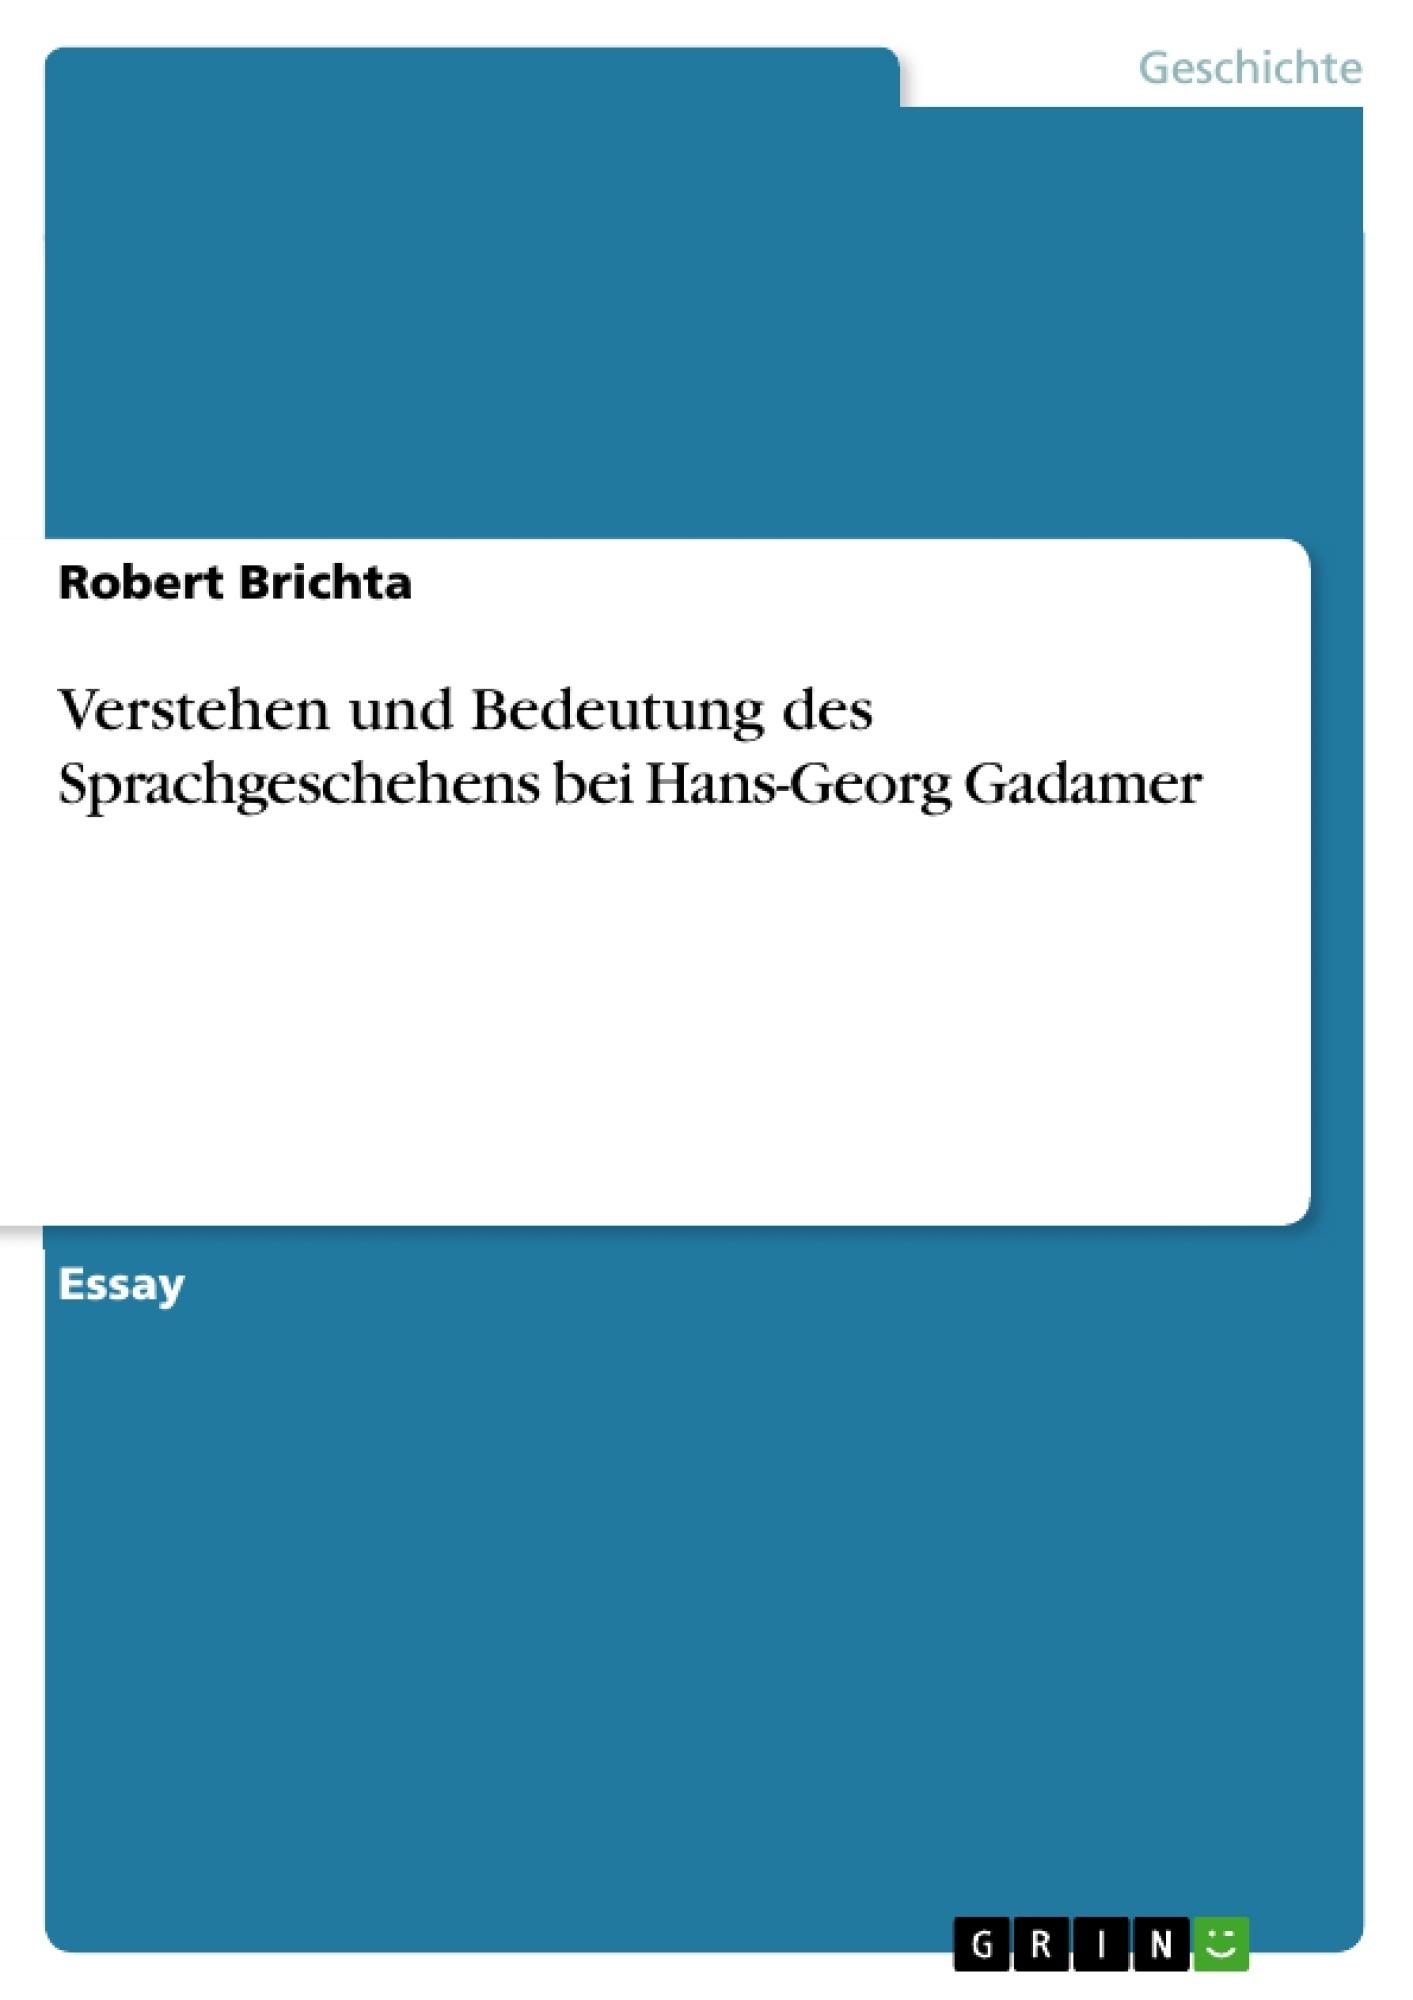 Titel: Verstehen und Bedeutung des Sprachgeschehens bei Hans-Georg Gadamer